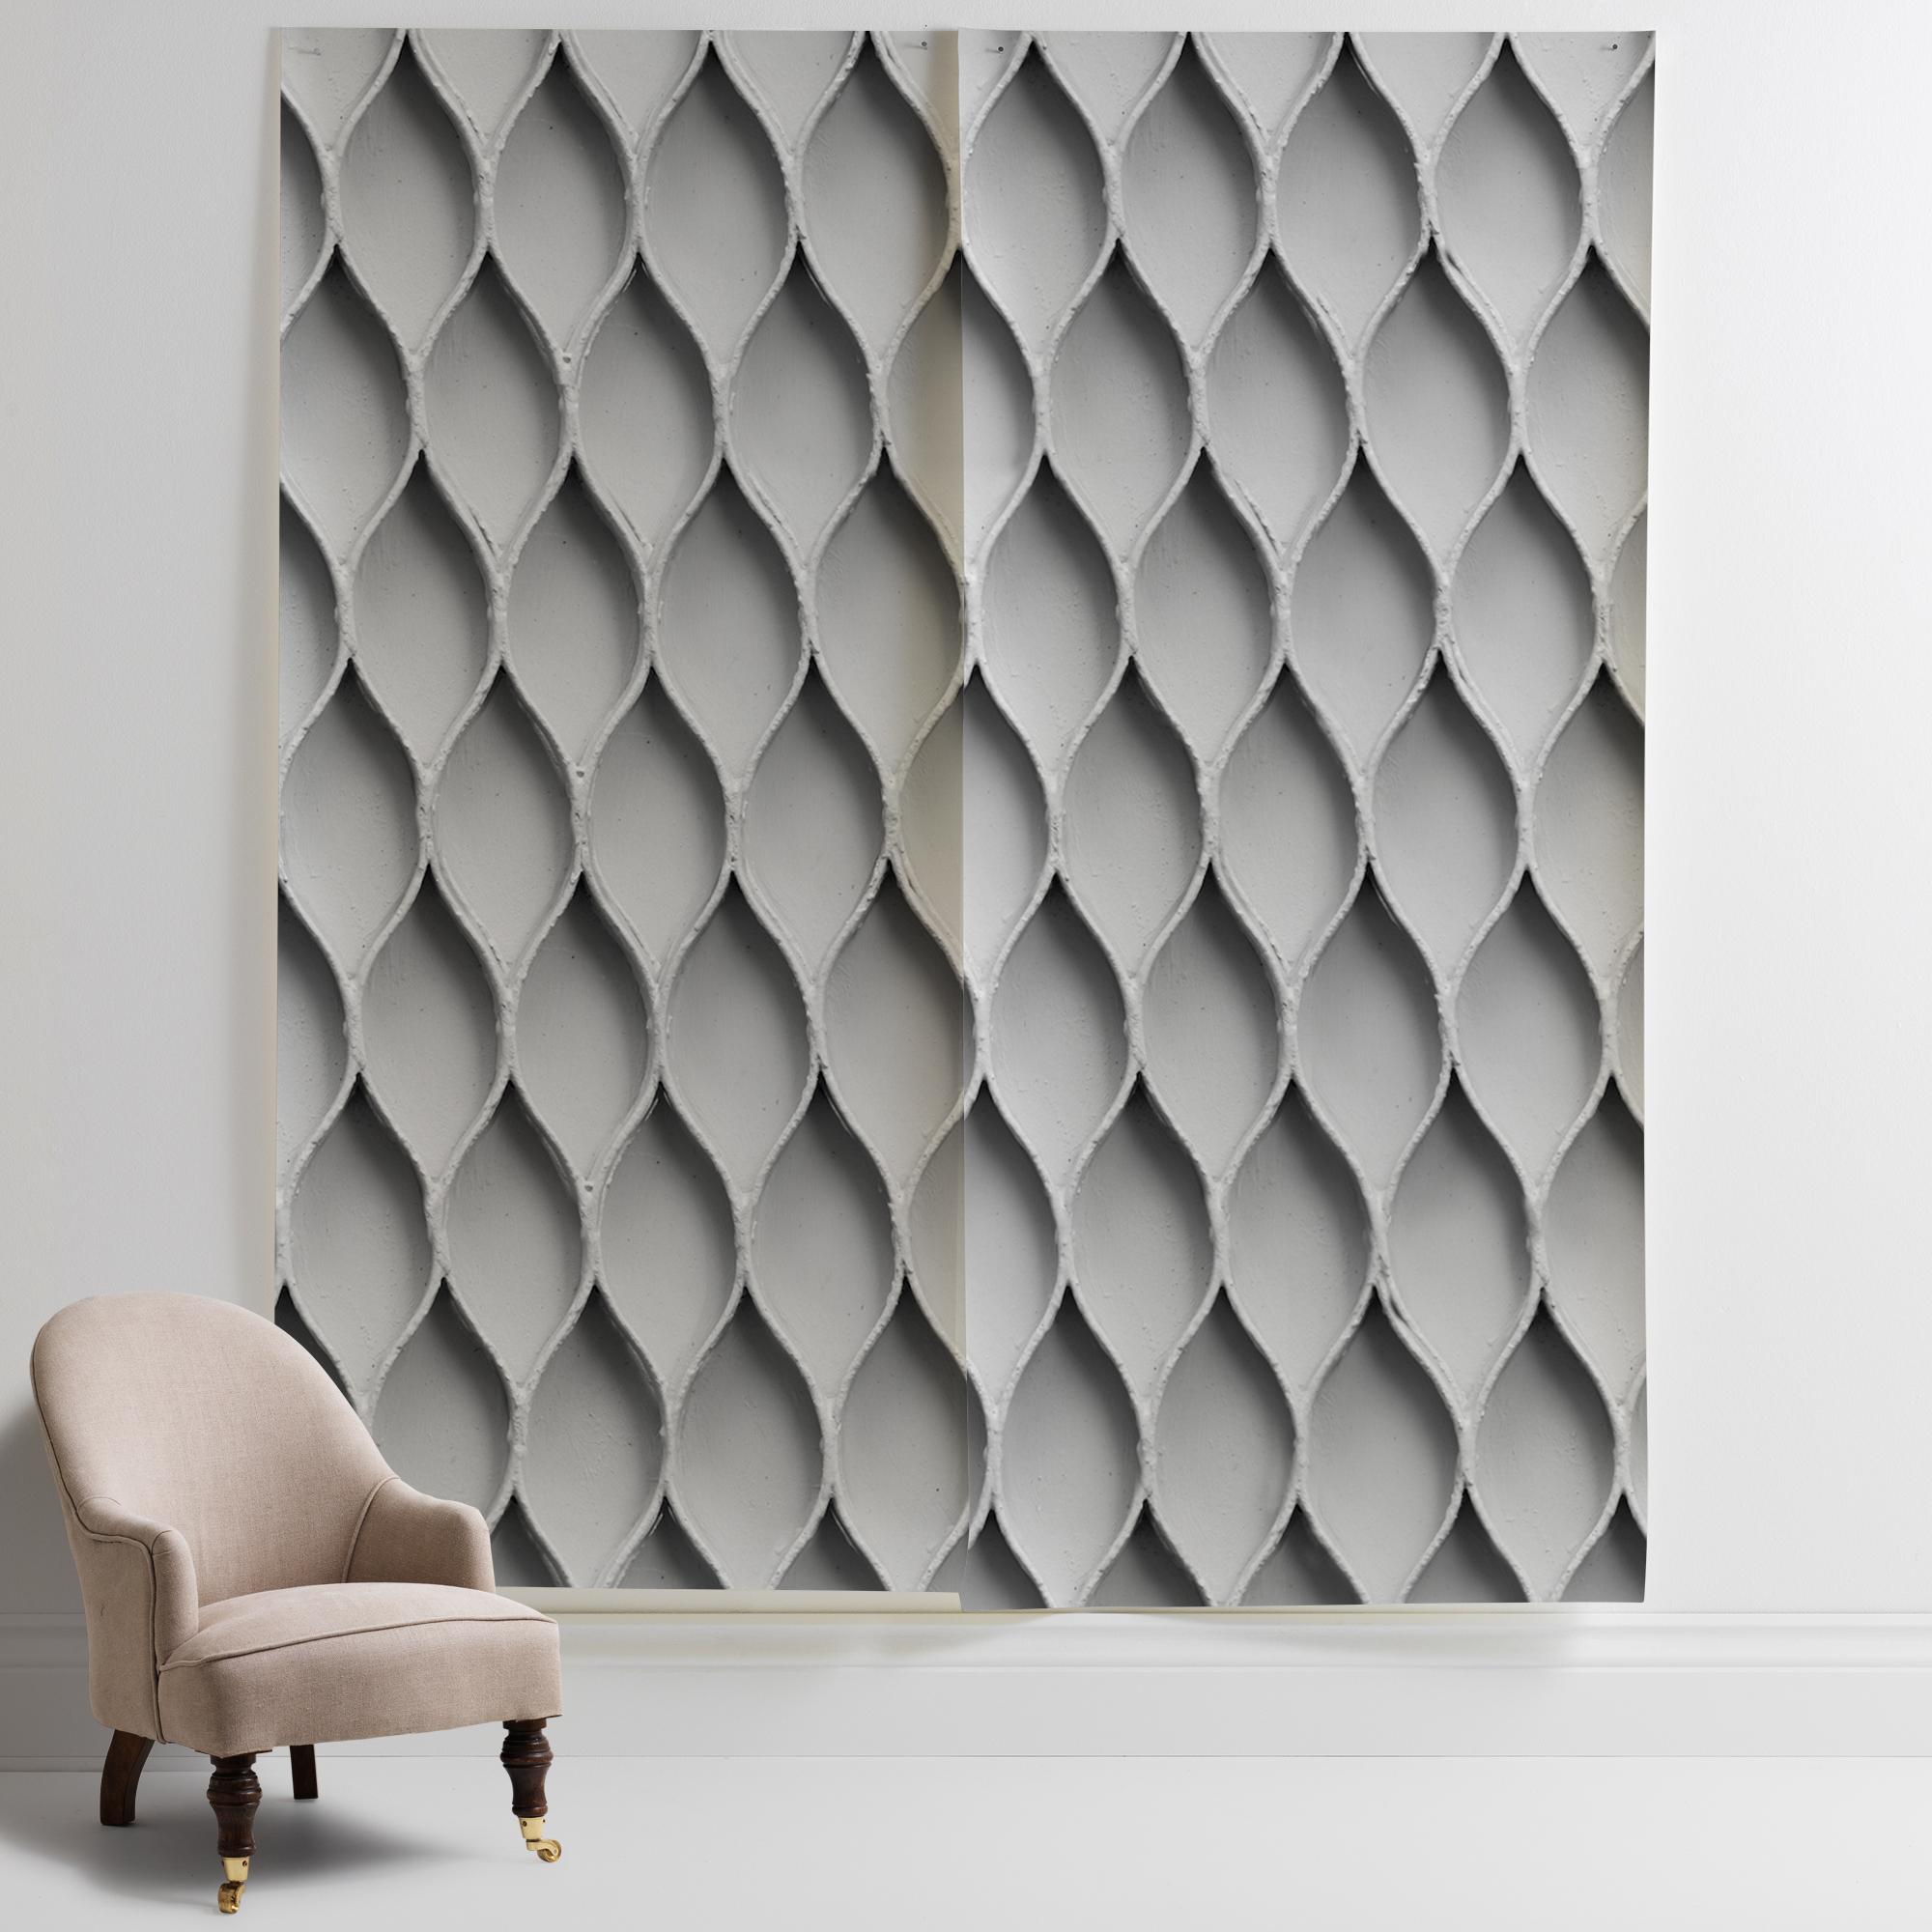 Mural - Ella Doran Collection